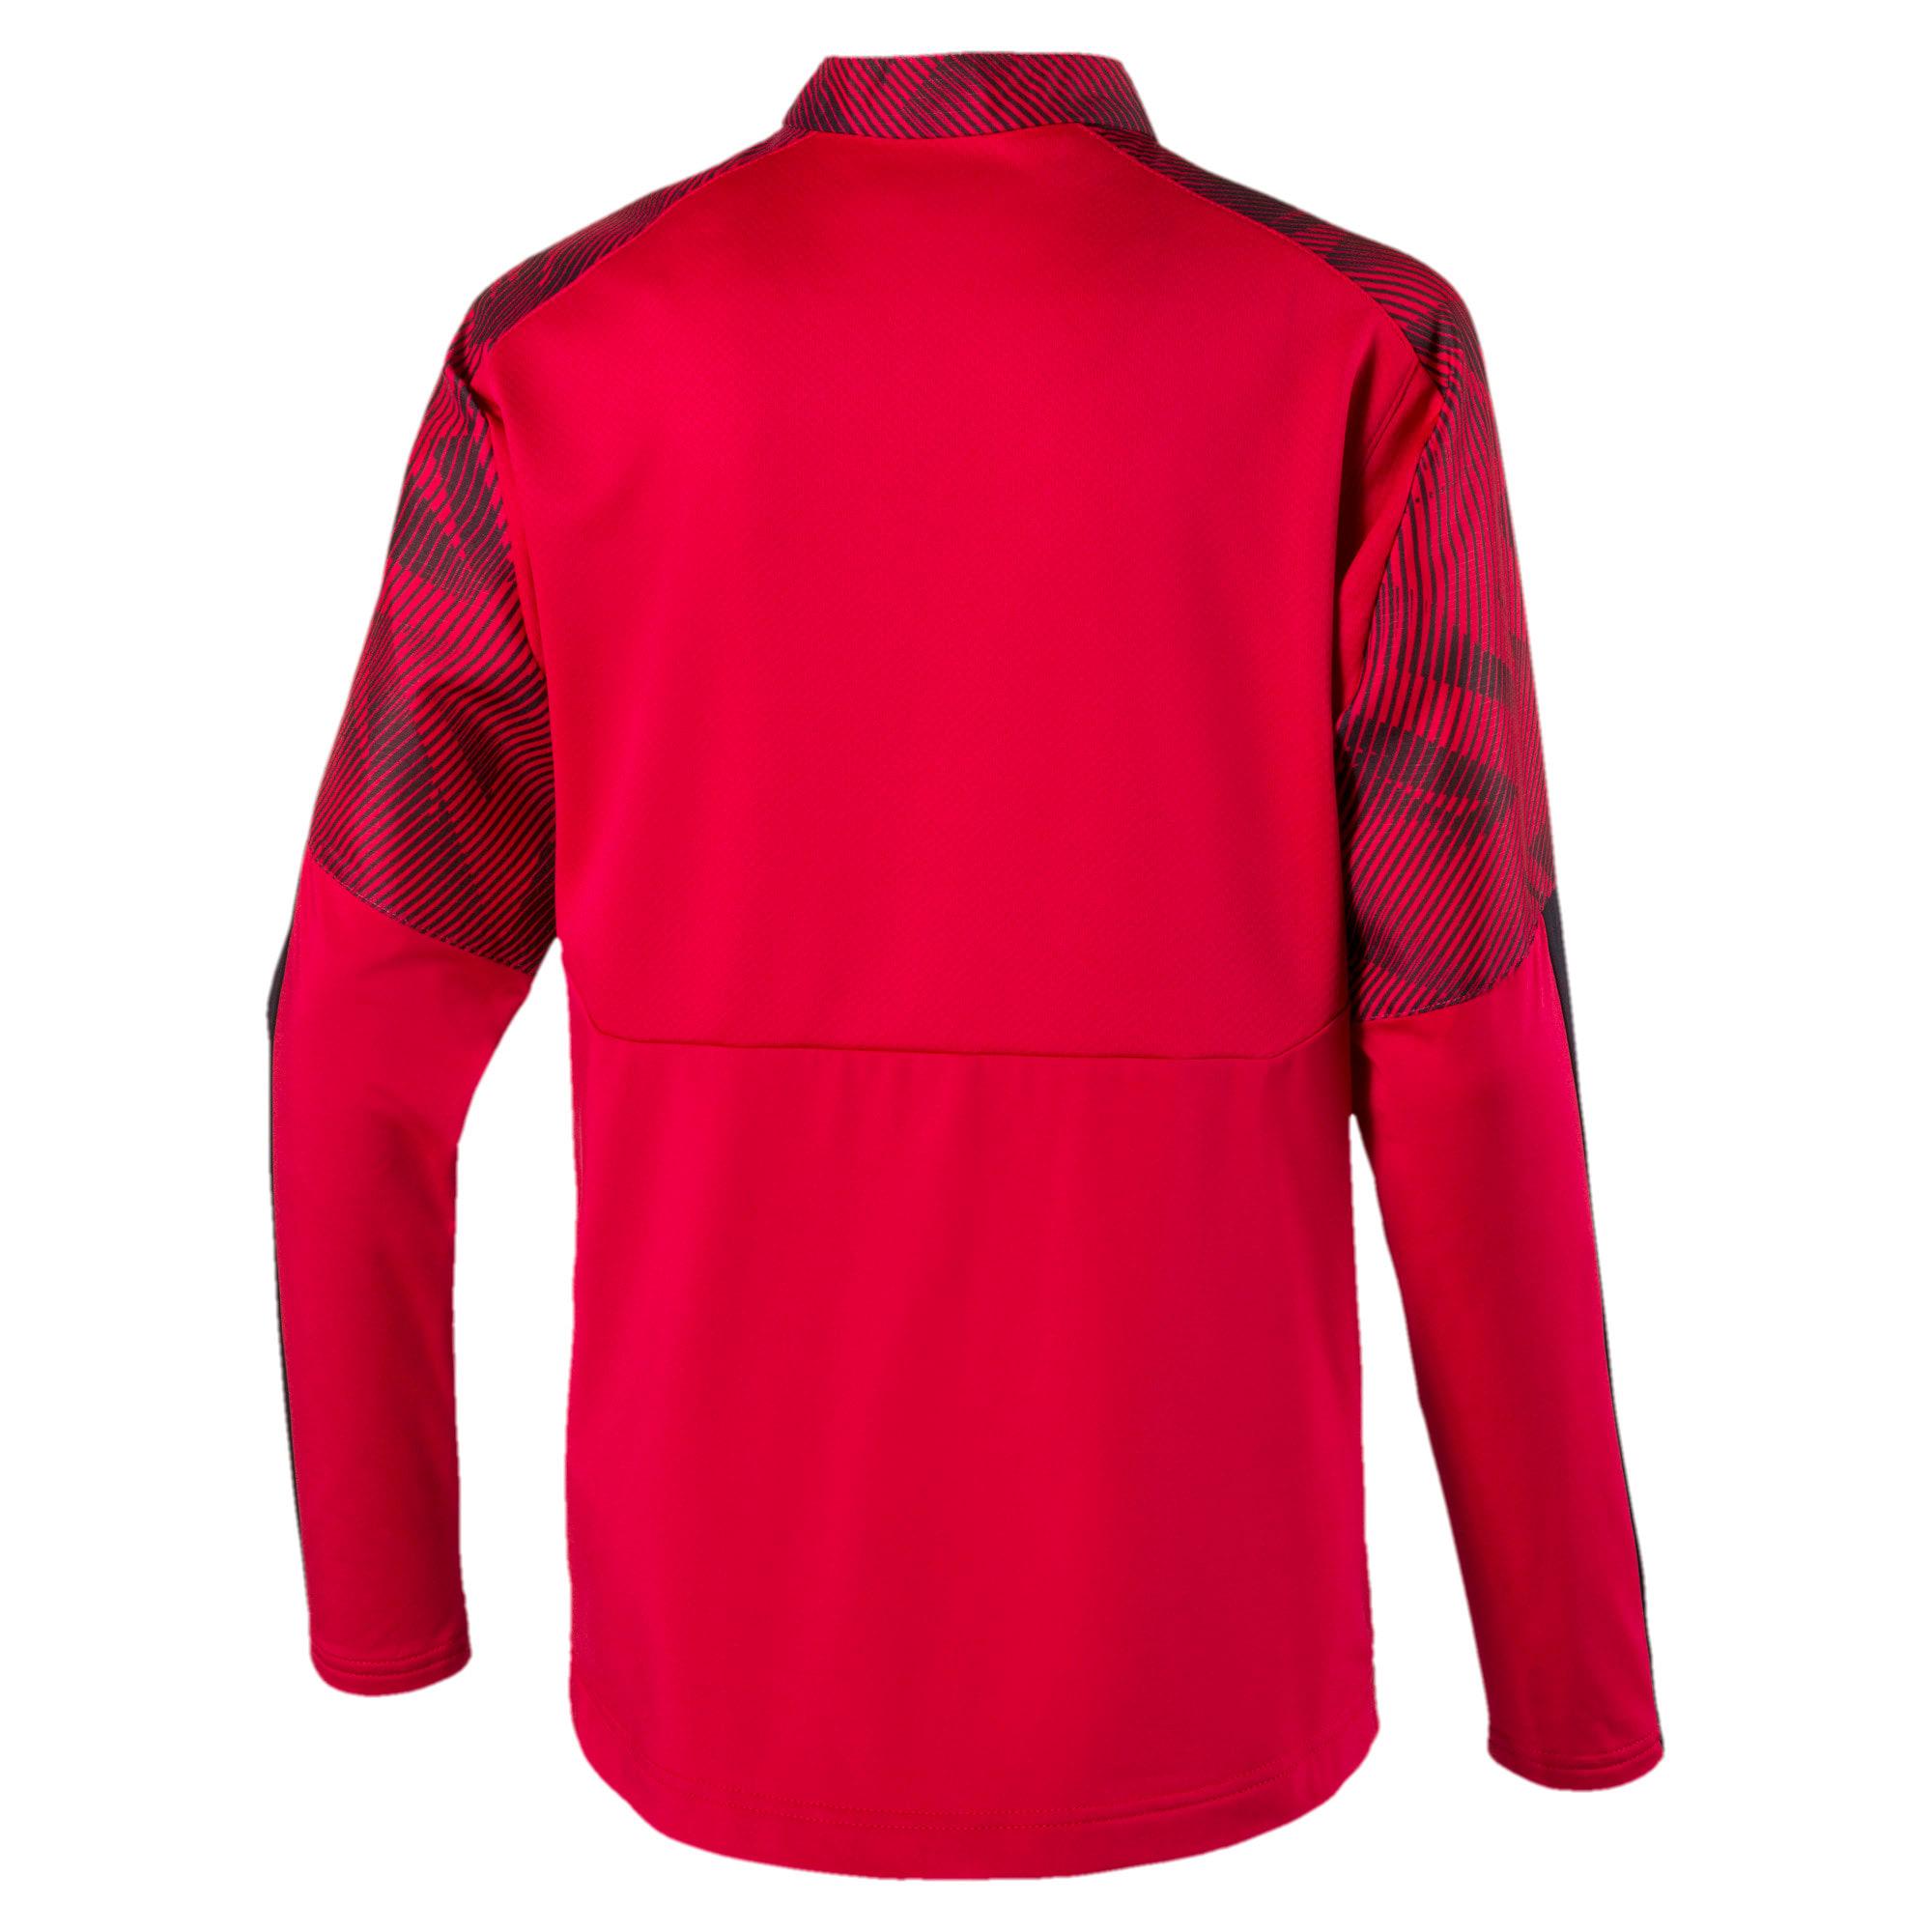 Thumbnail 2 of AC Milan Quarter Zip Kids' Top, Tango Red -Puma Black, medium